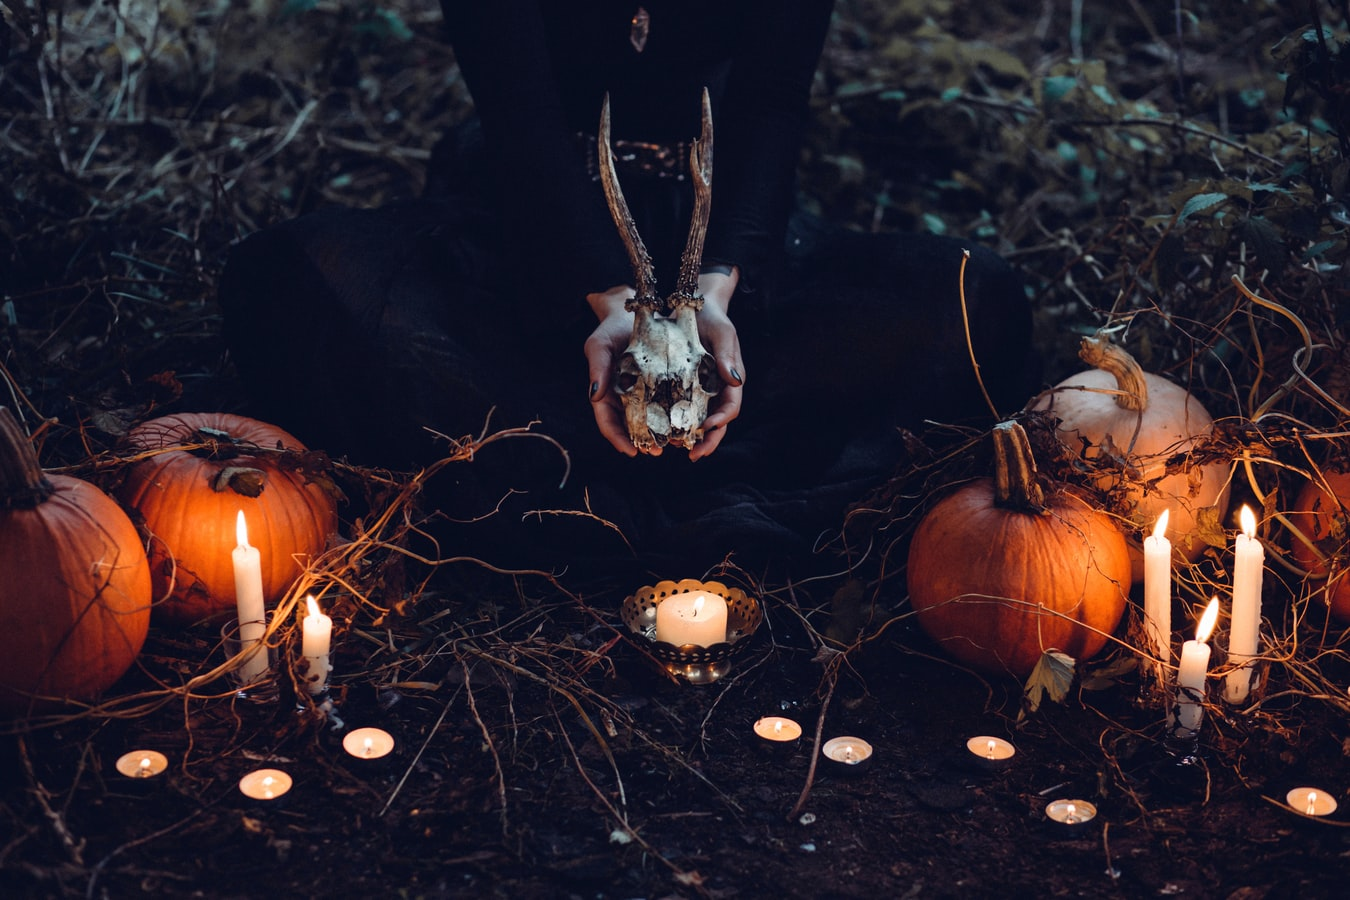 Une sorcière célébrant Halloween avec citrouilles et bougies dans une forêt